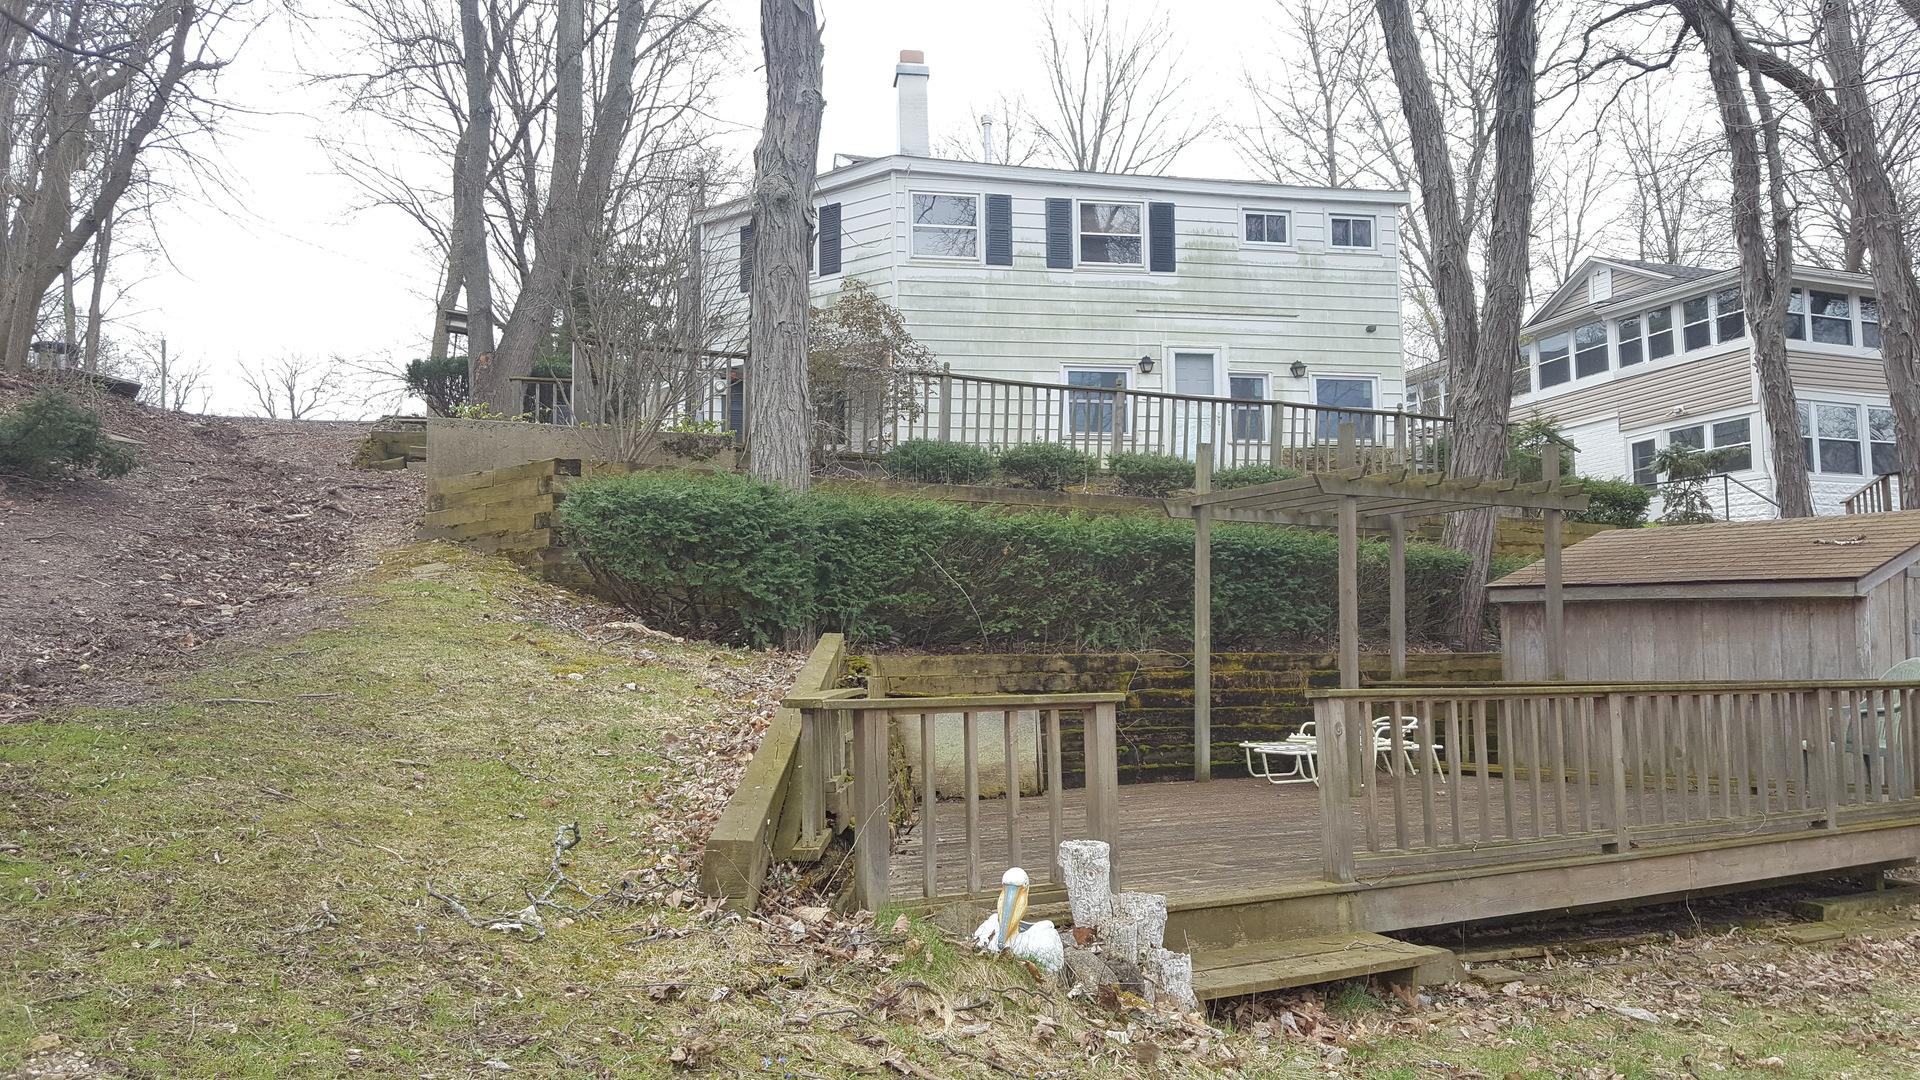 W191 Lake Street, Bloomfield, WI 53128